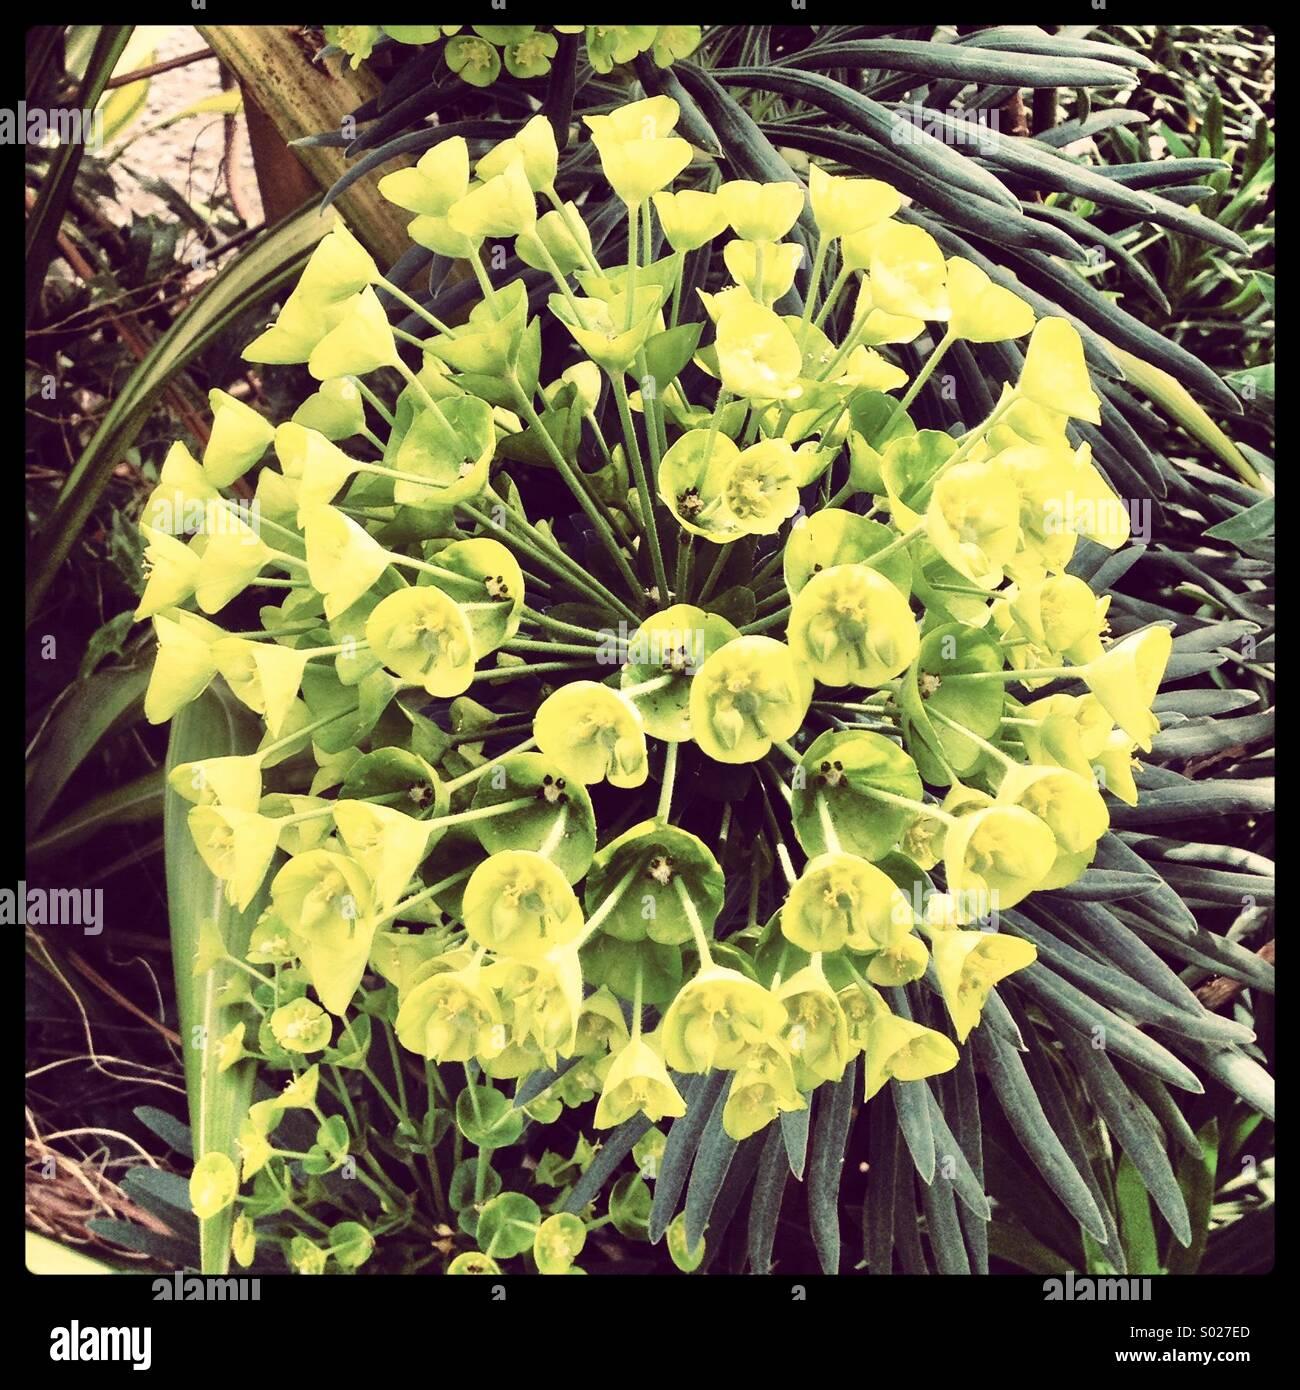 Interesante y planta inusual Imagen De Stock